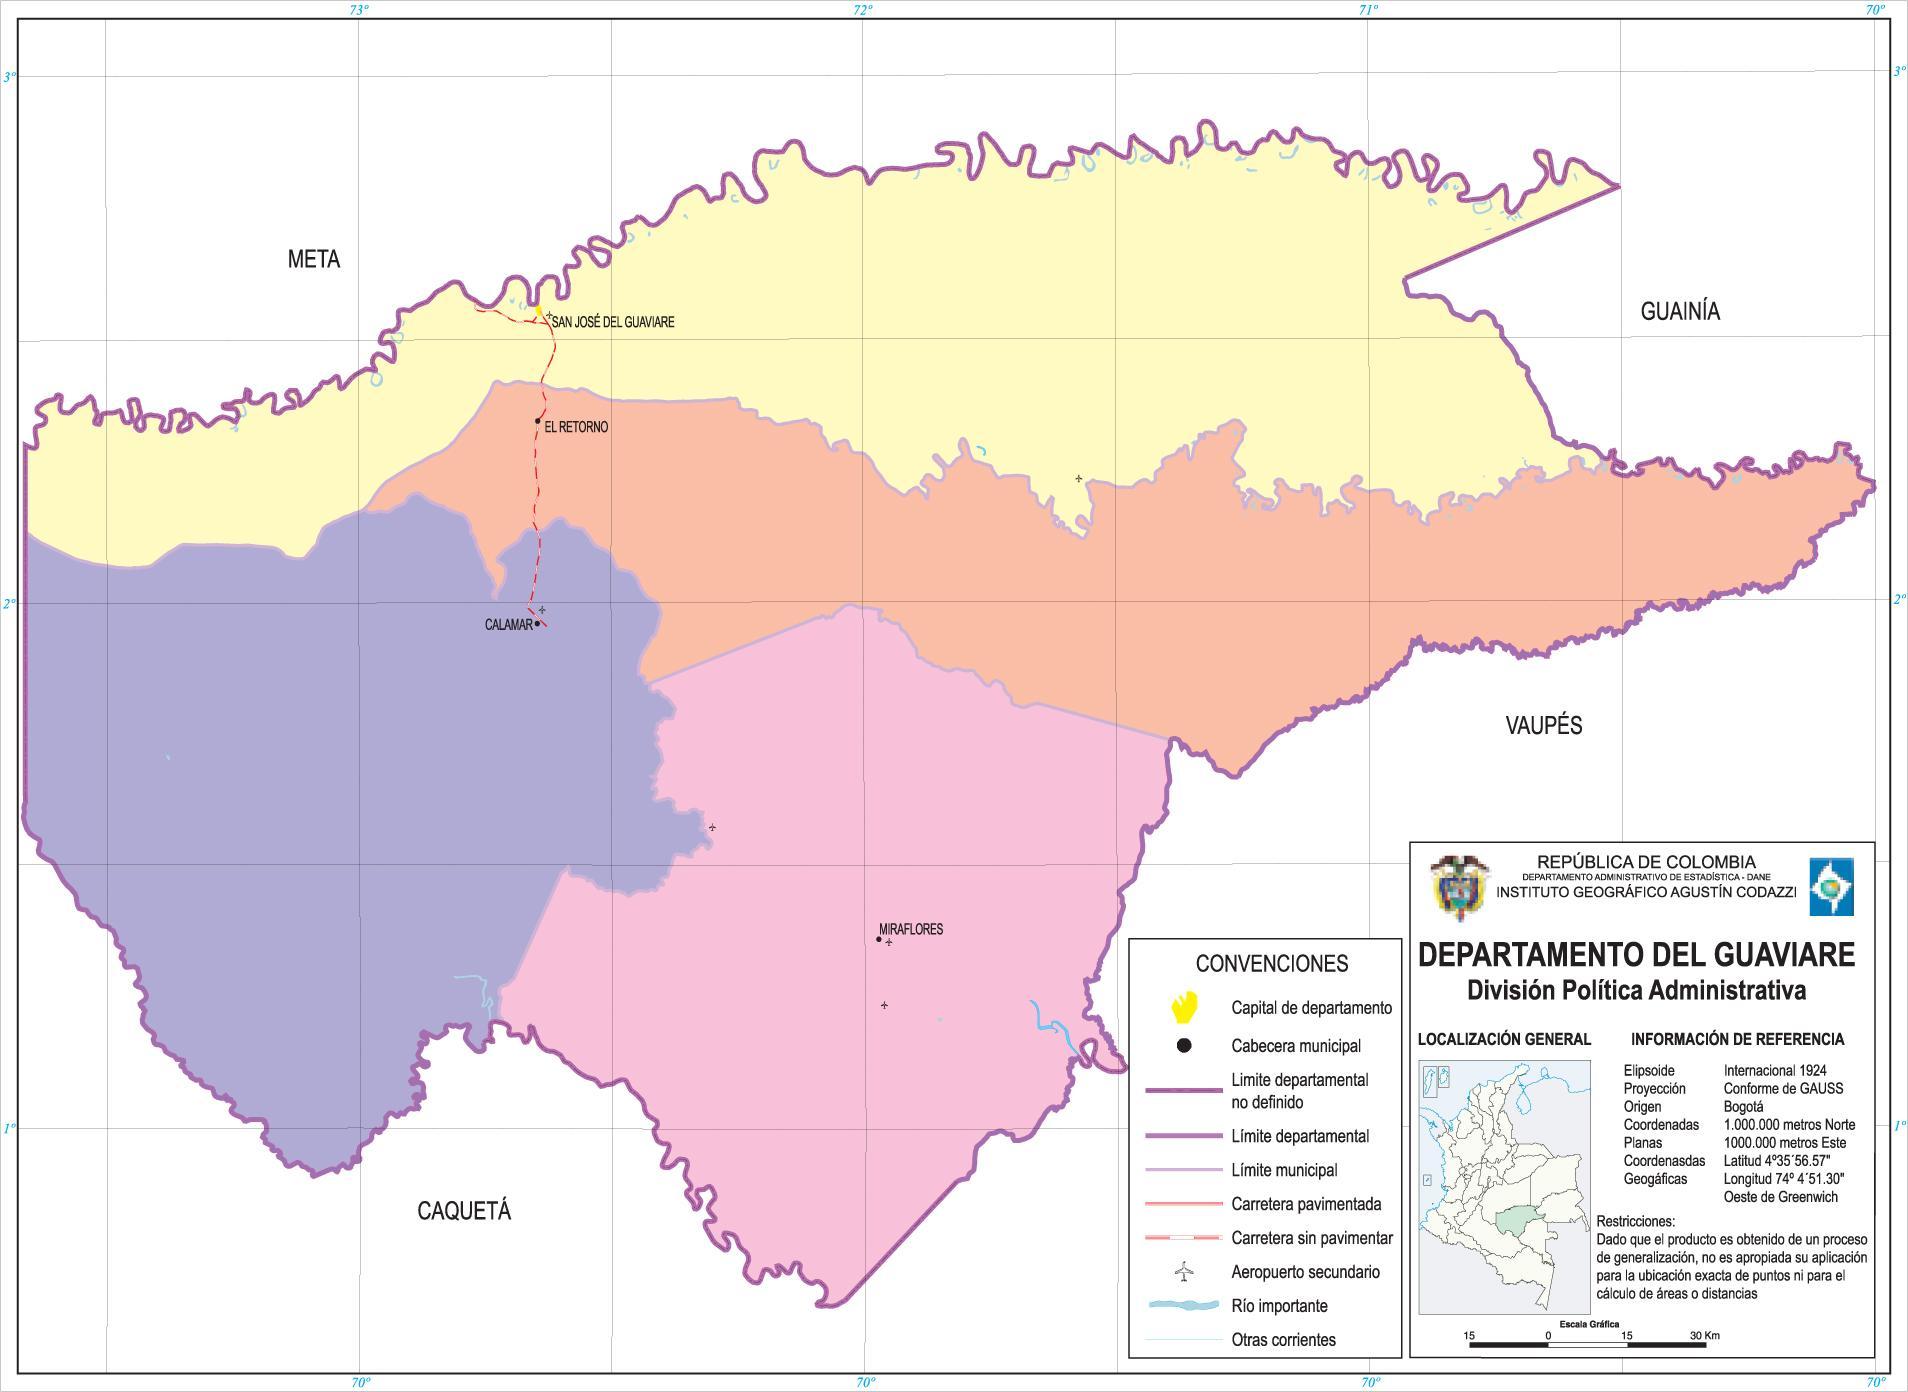 Mapa del Departamento del Guaviare, Colombia